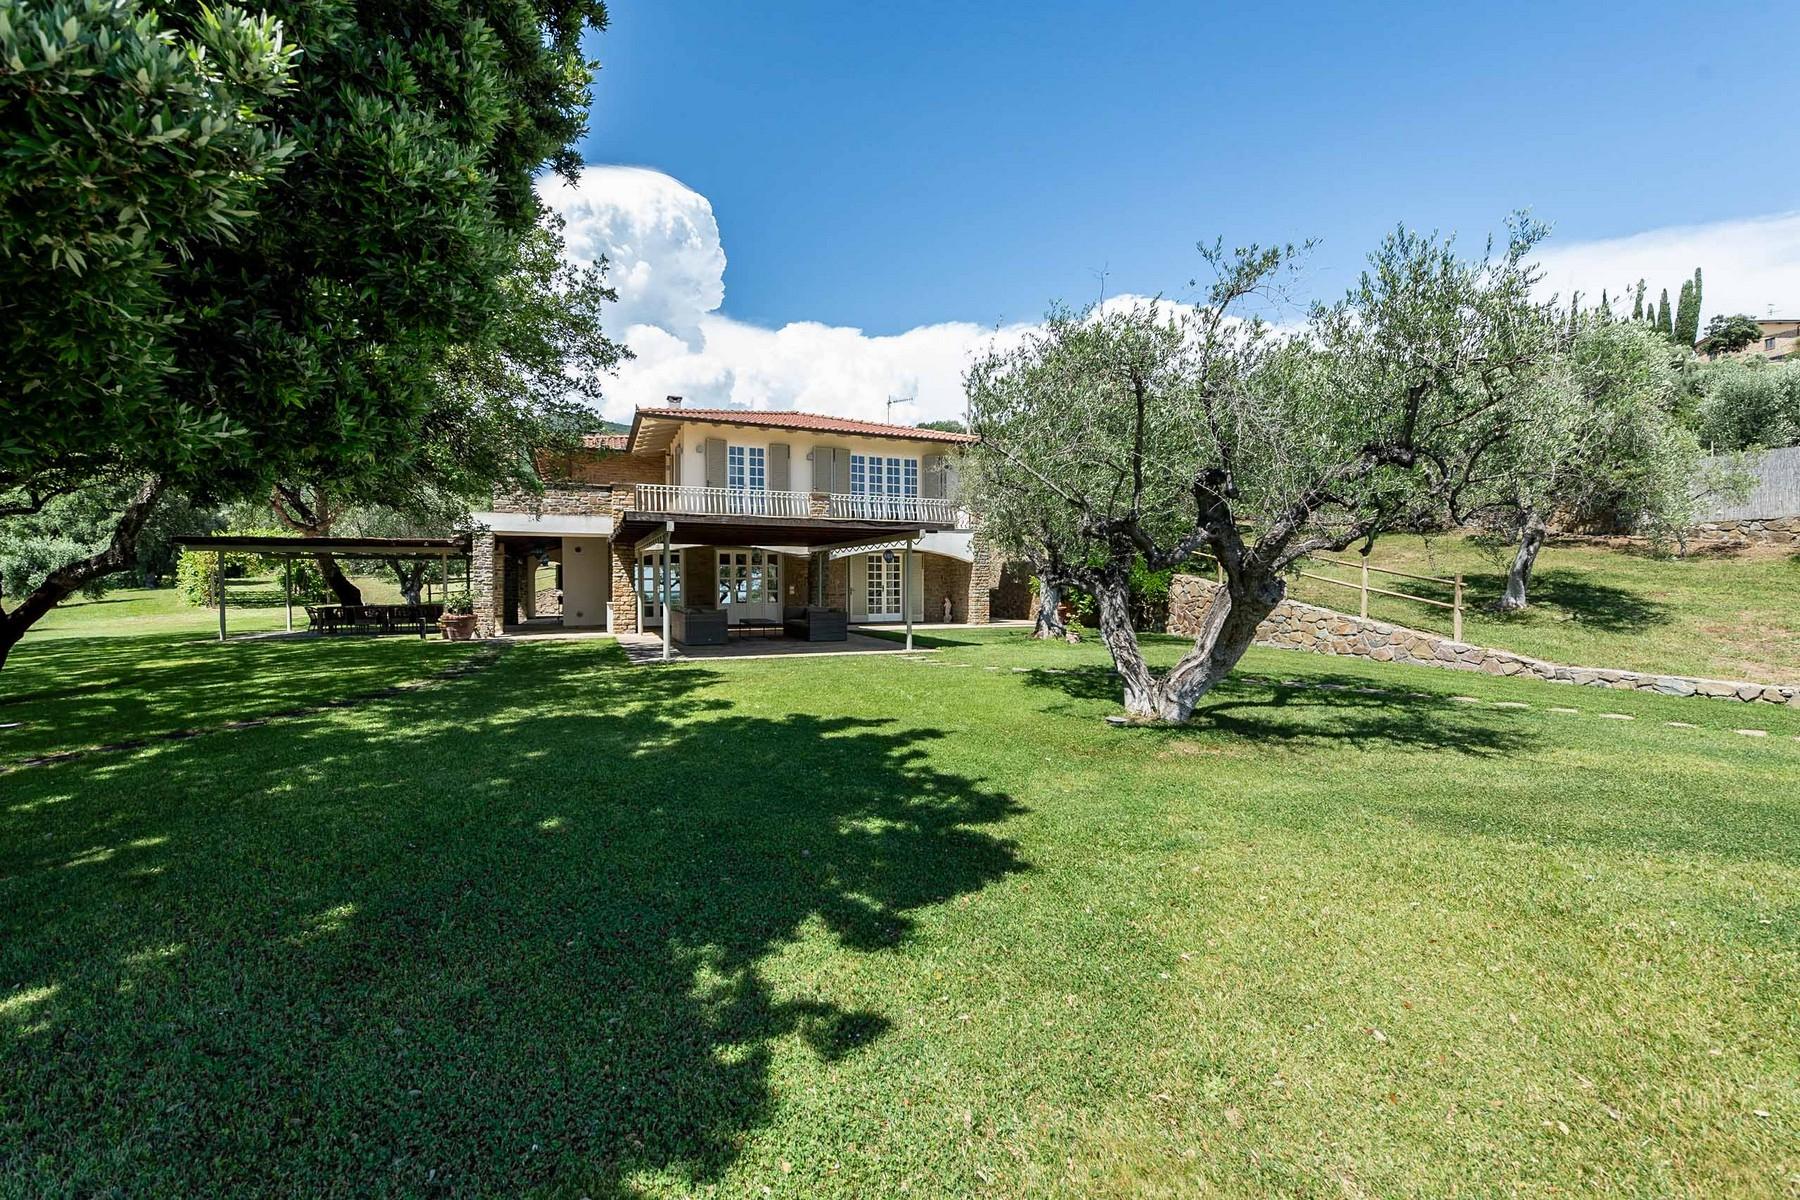 Villa in Vendita a Castiglione Della Pescaia: 5 locali, 310 mq - Foto 3